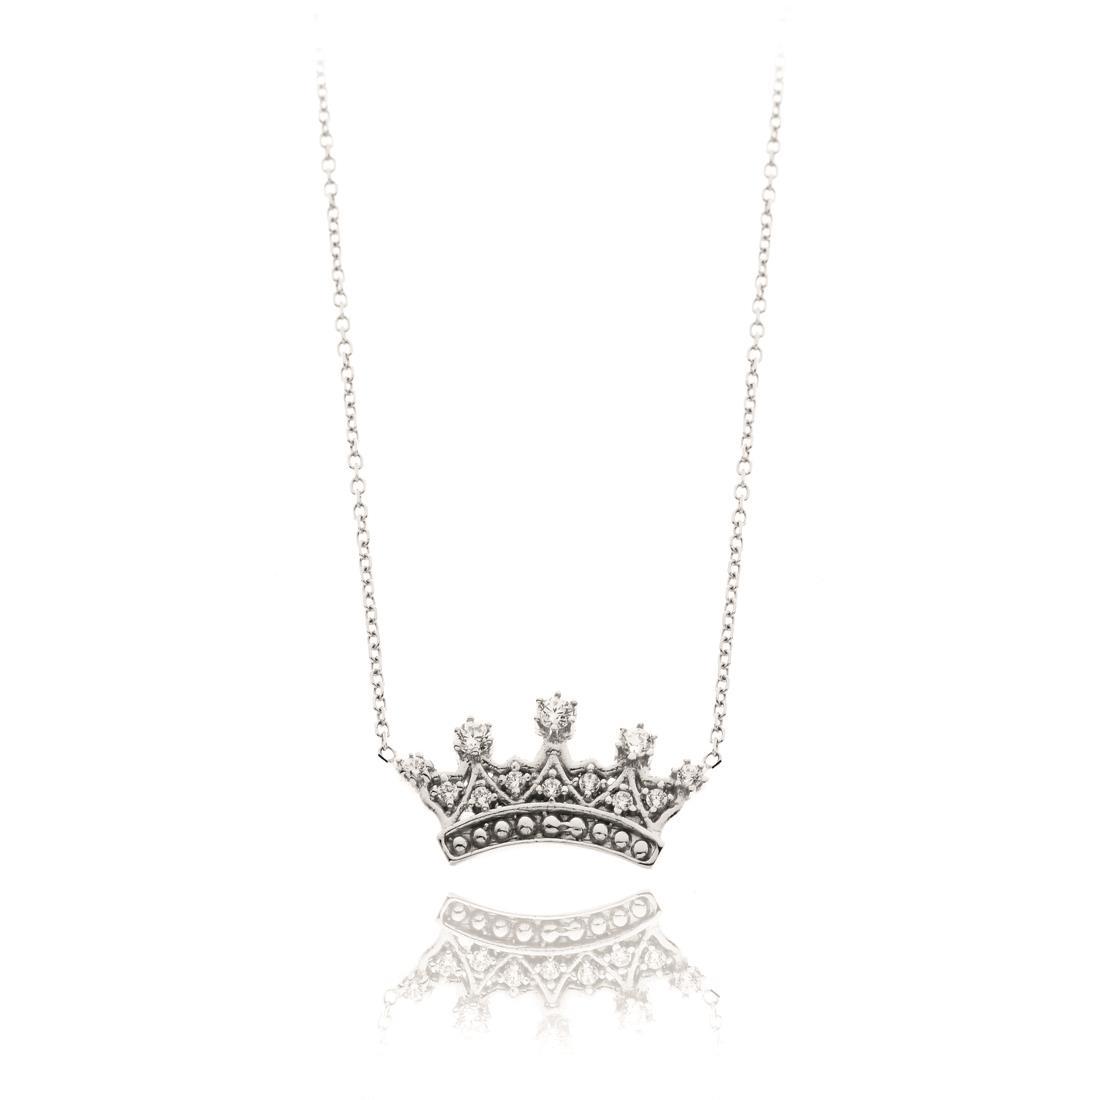 Collana in oro bianco con pendente a forma di corona - ELLA